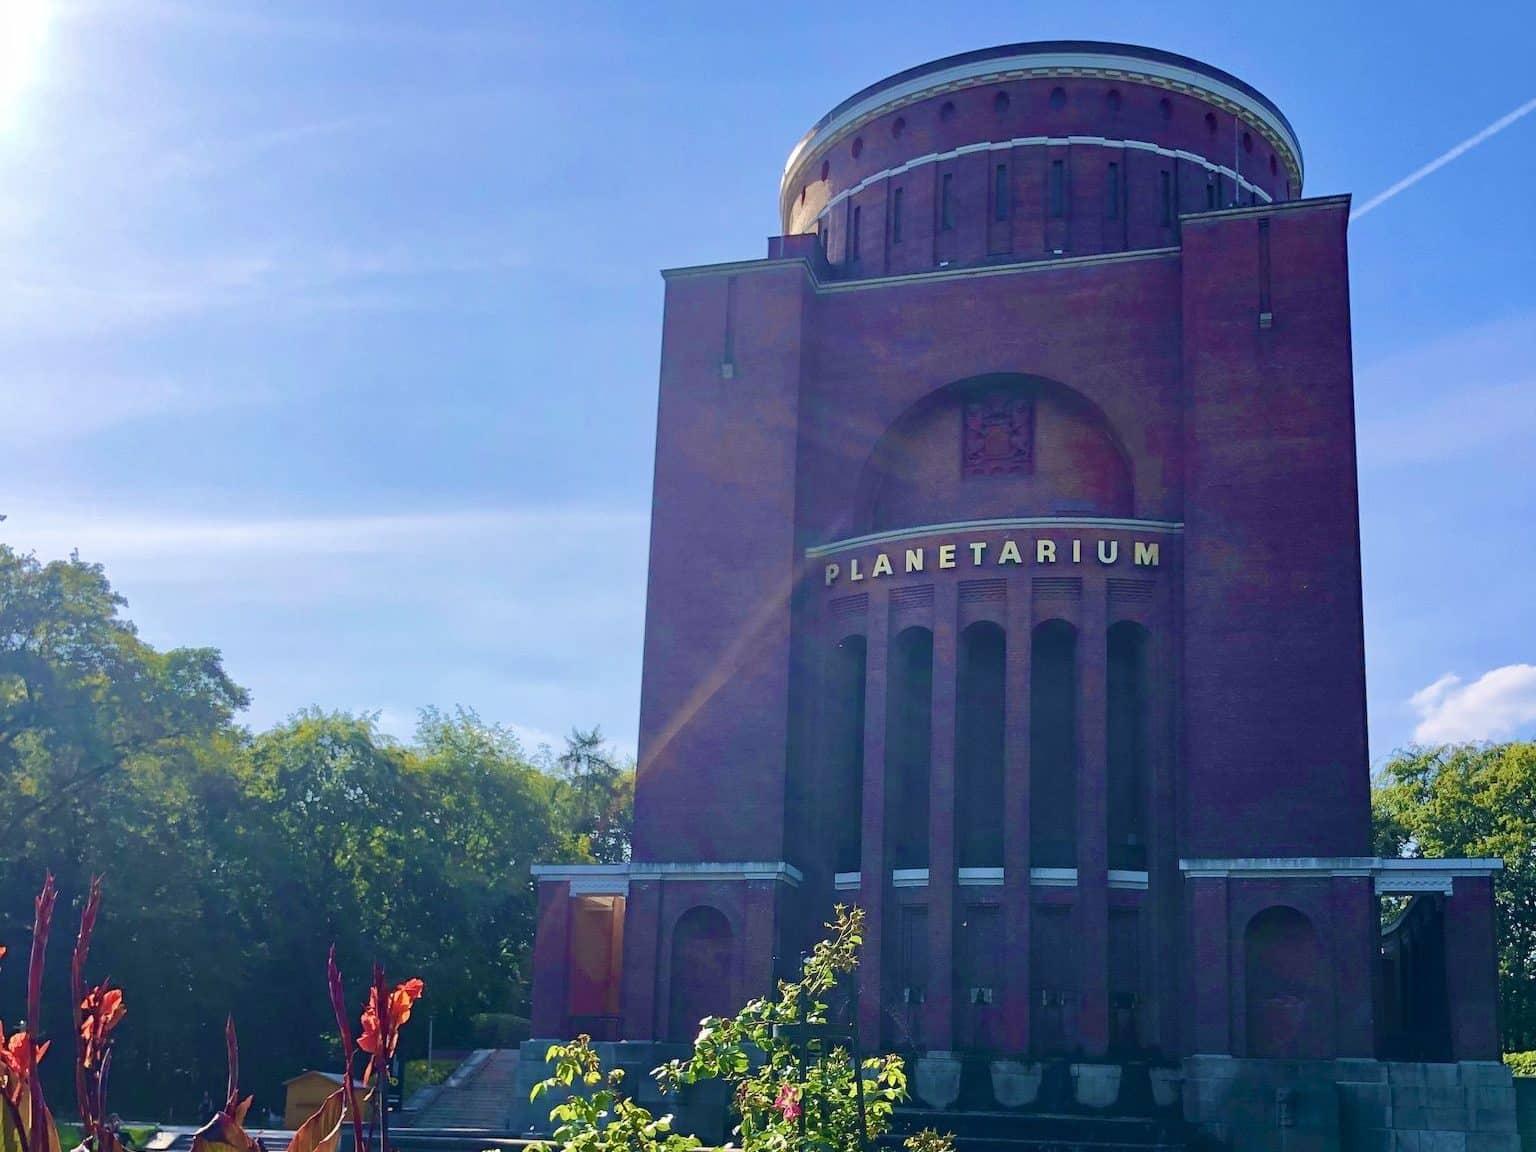 Das Planetarium im Hamburger Stadtpark ist ein eindrucksvoller Bau. Foto: Sascha Tegtmeyer